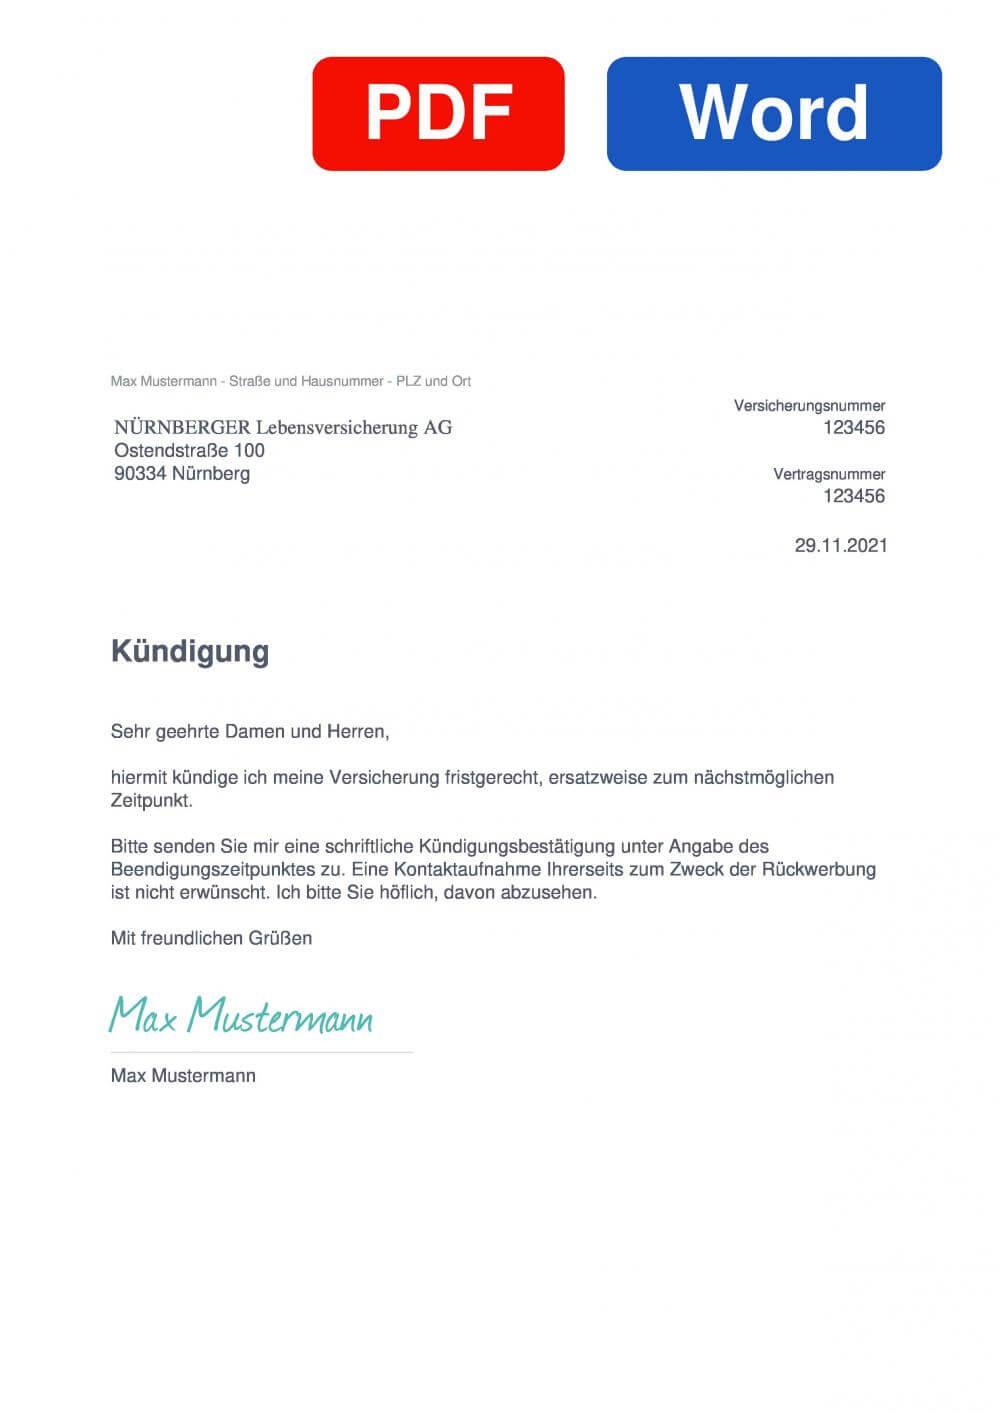 NÜRNBERGER Rentenversicherung Muster Vorlage für Kündigungsschreiben